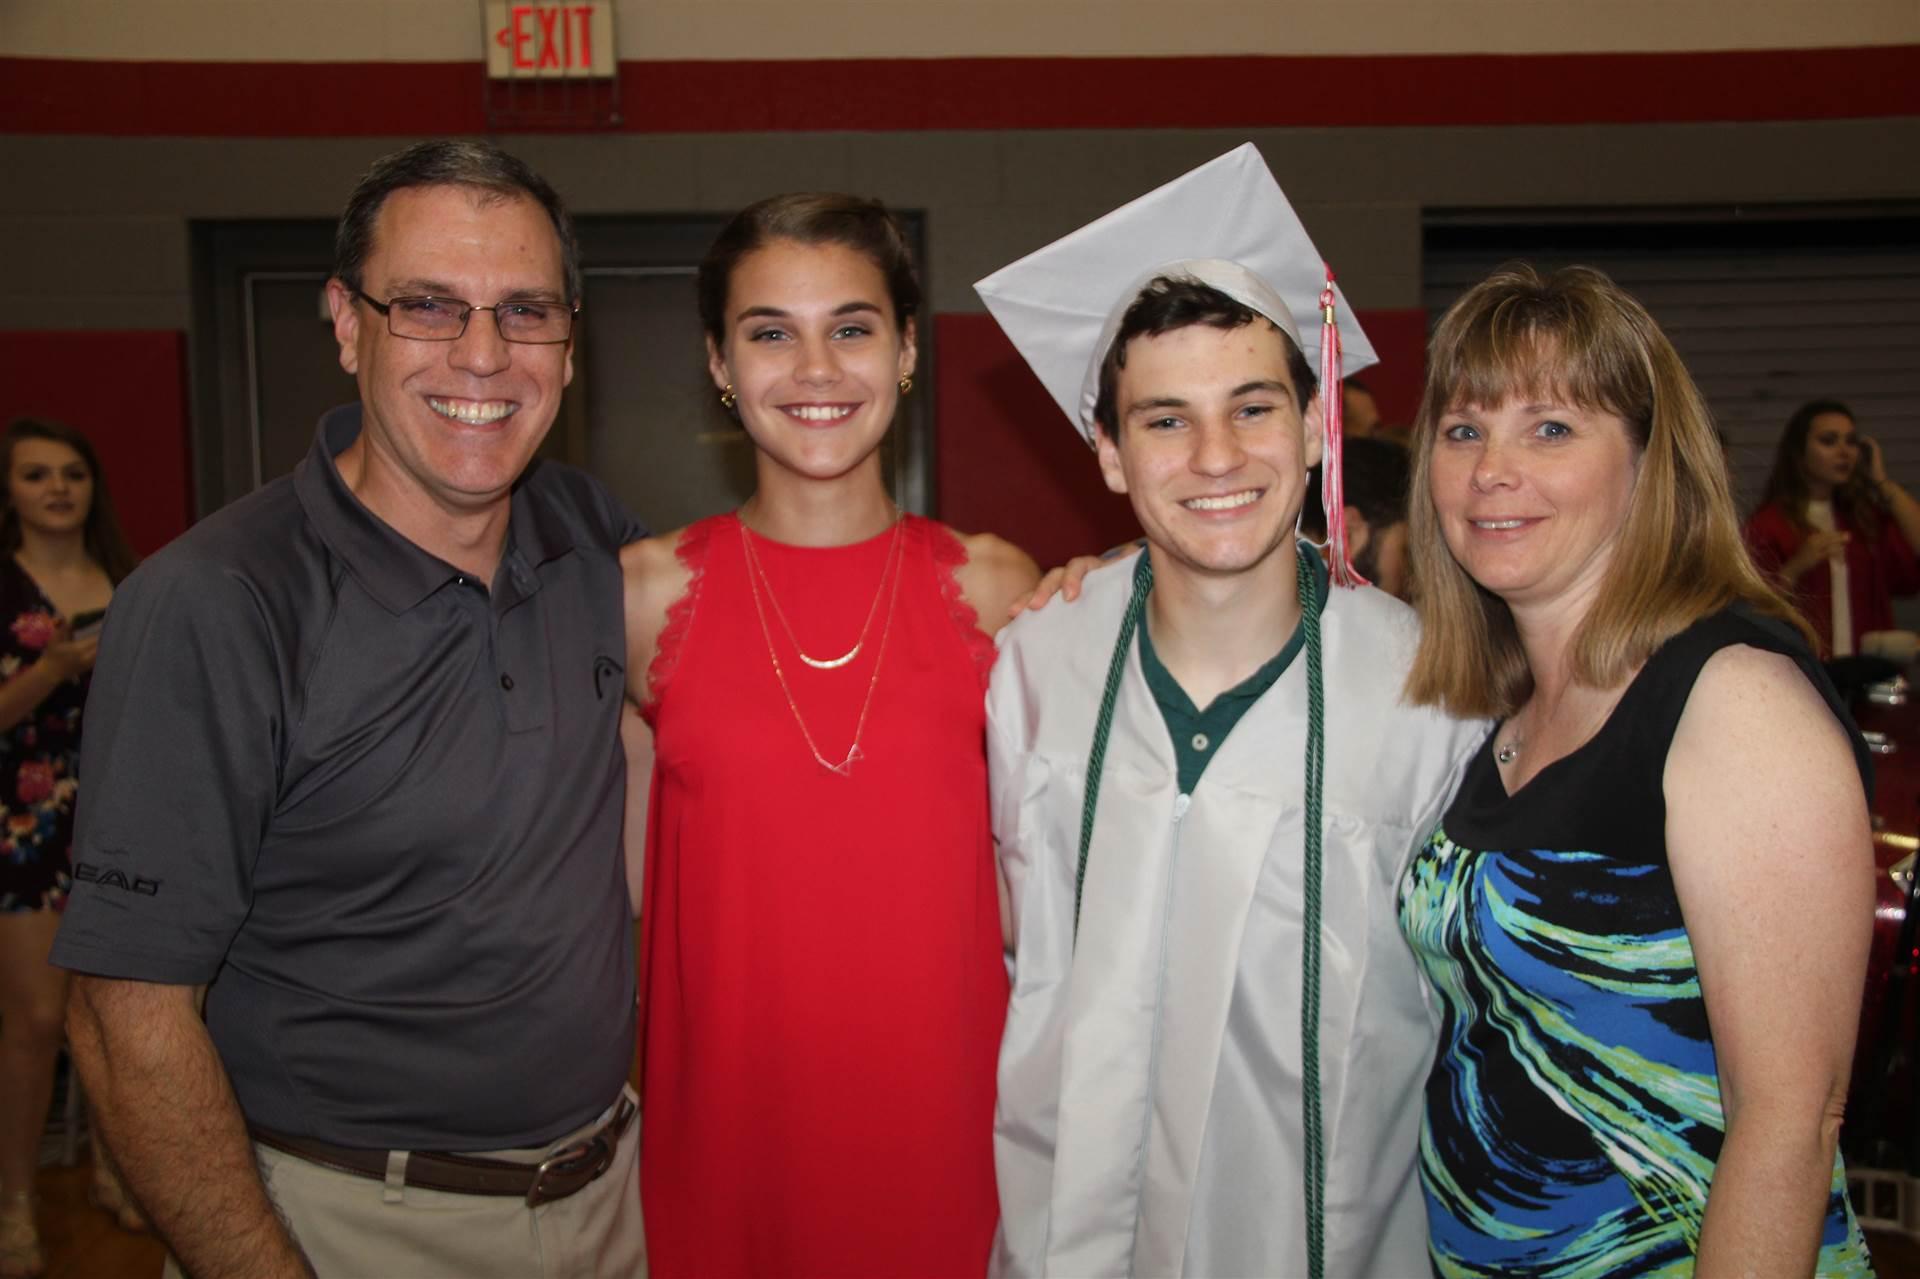 photo 325 from 2017 C V Graduation